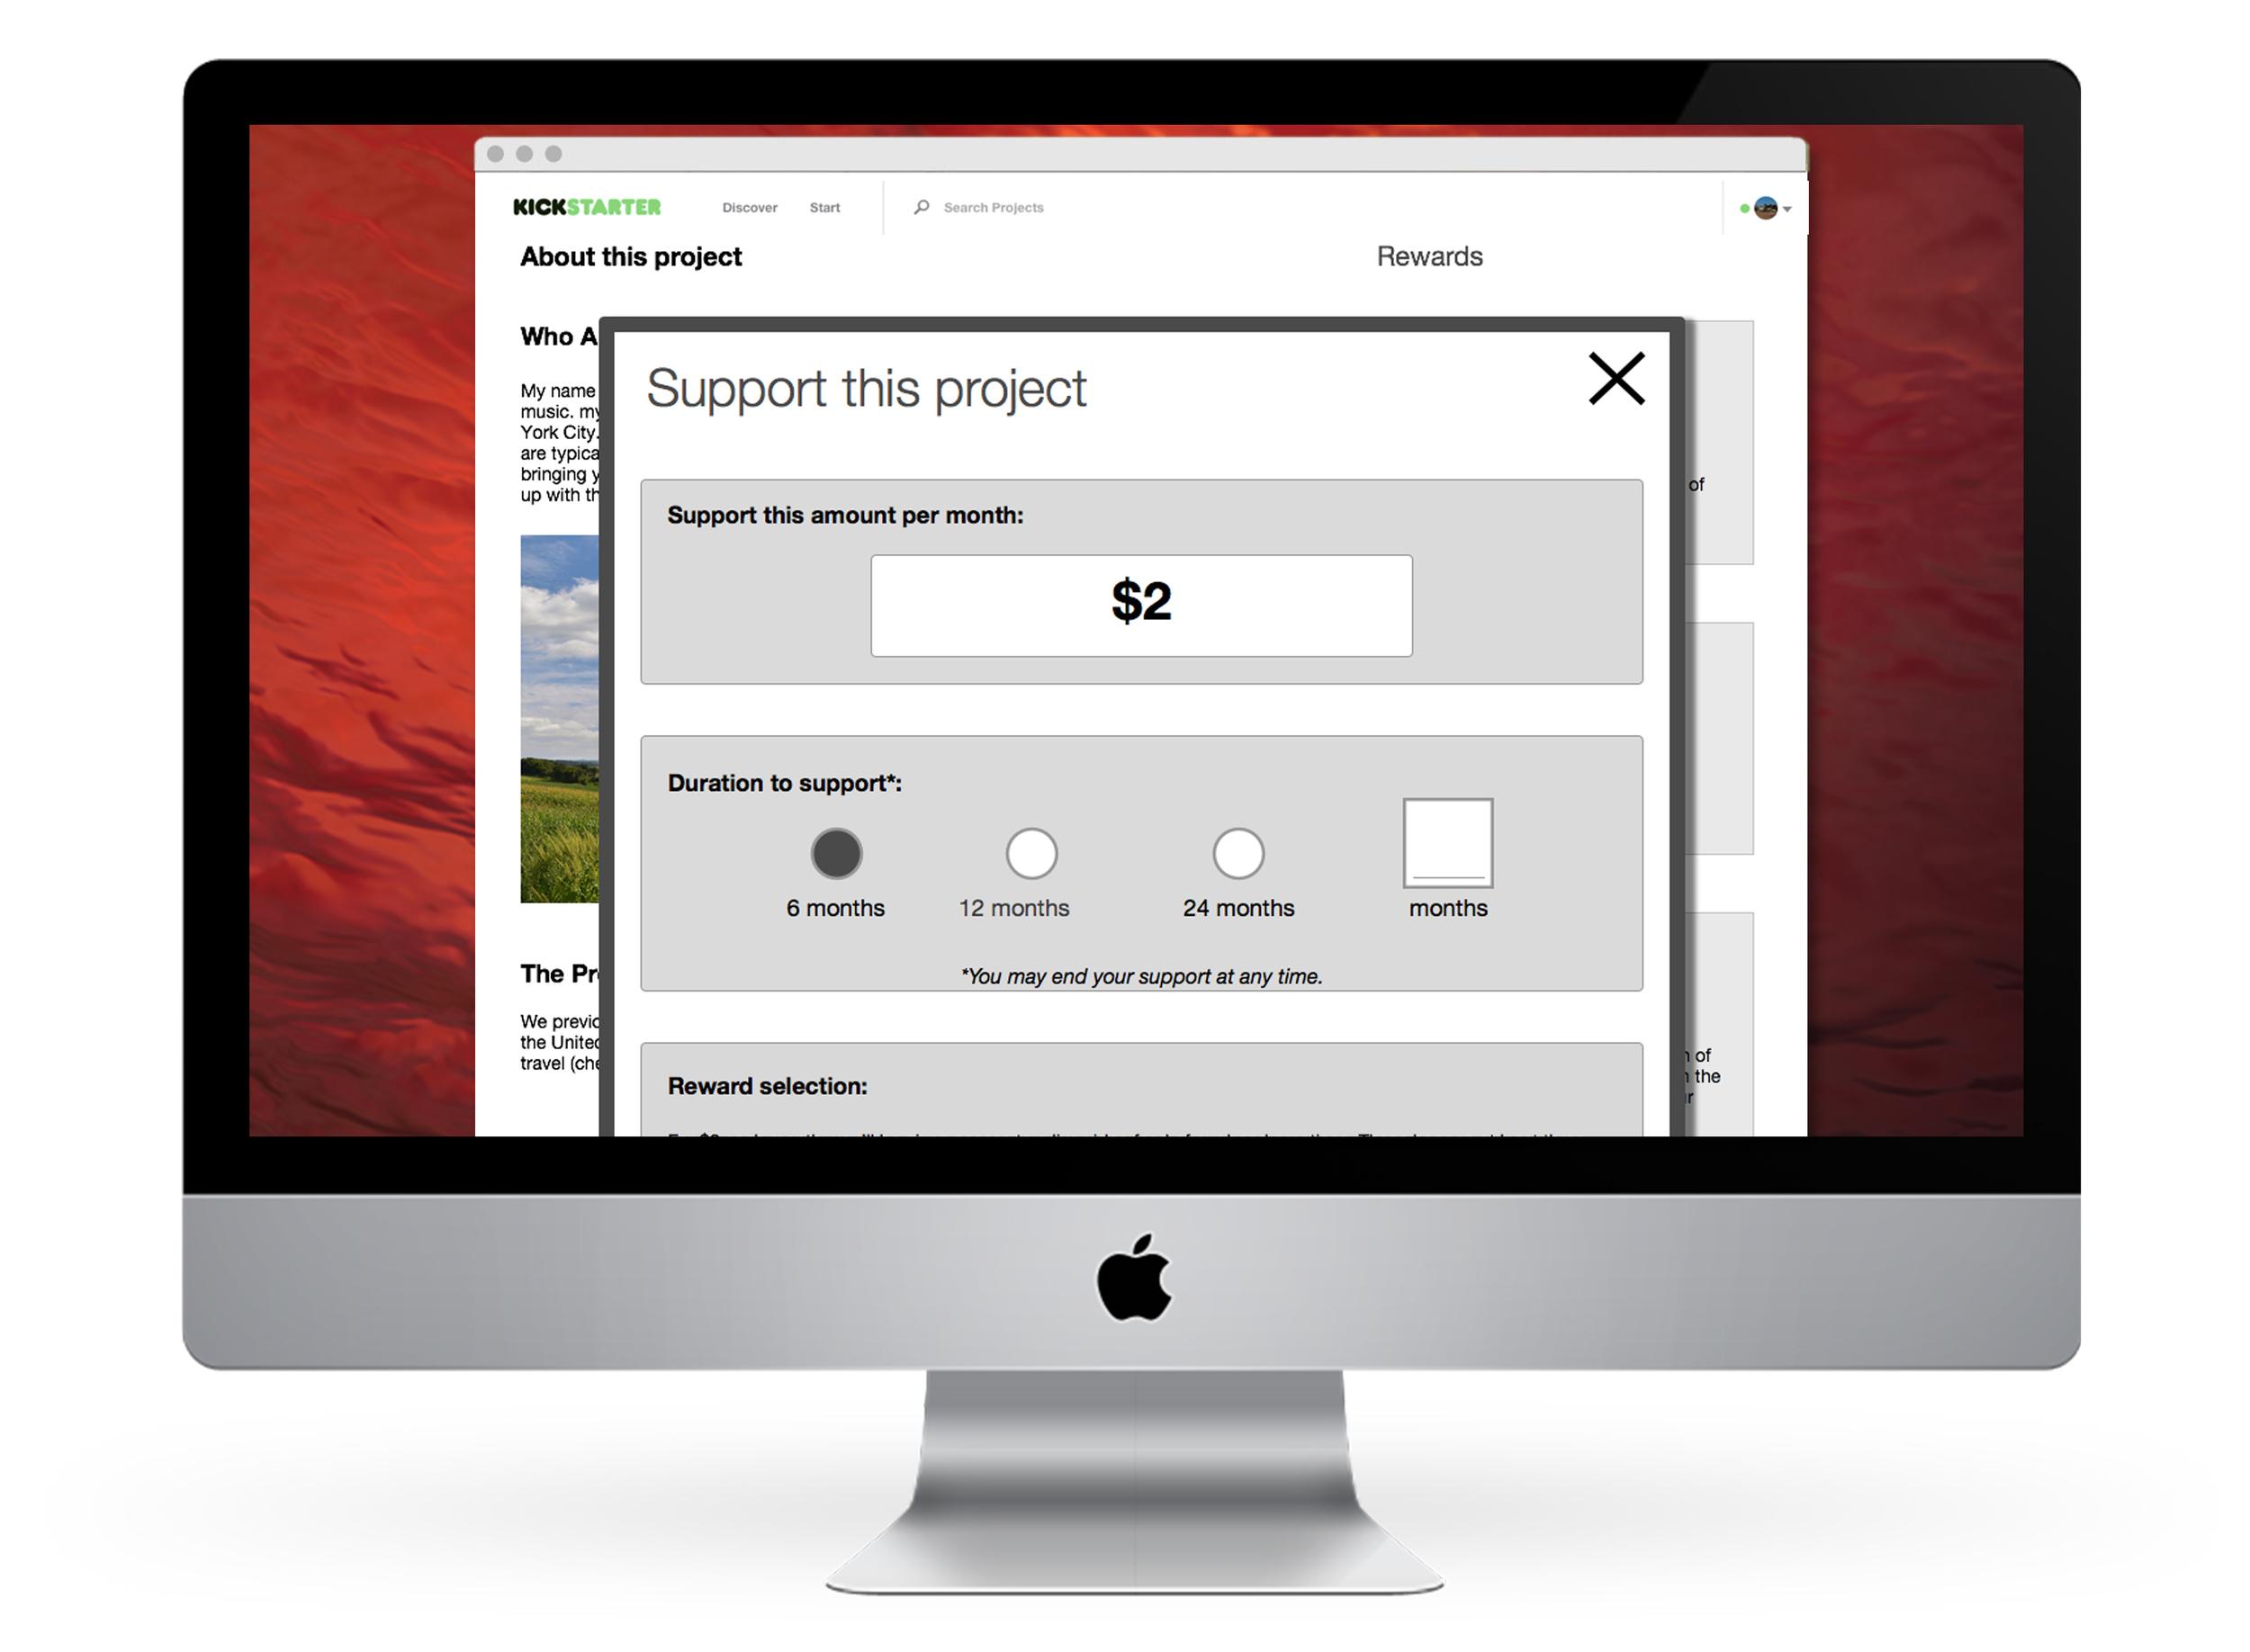 _UXDI_P03_Screen_06.jpg